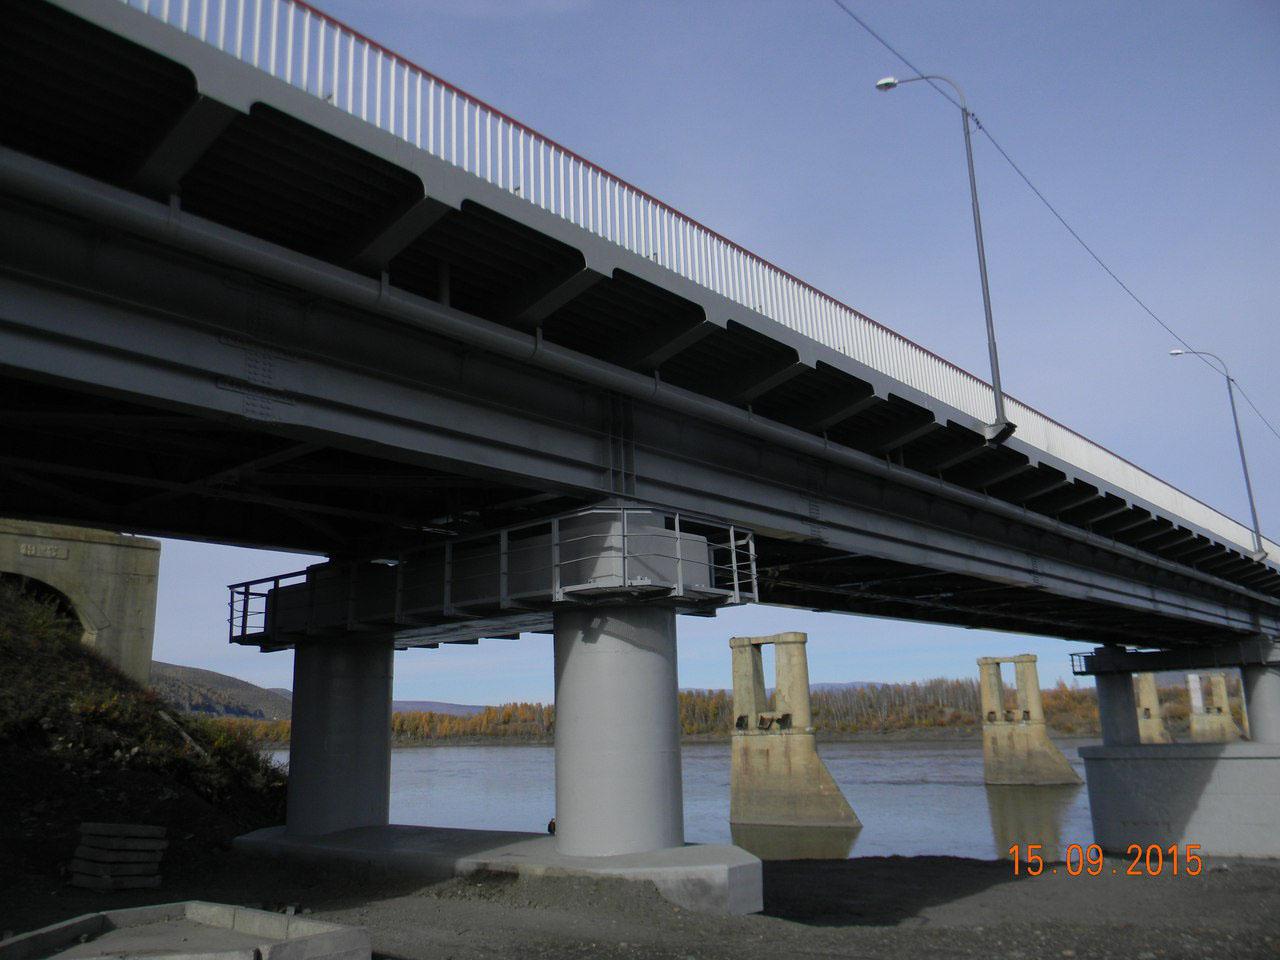 Быки от старого моста оставили, дескать, сами со временем разрушаться...